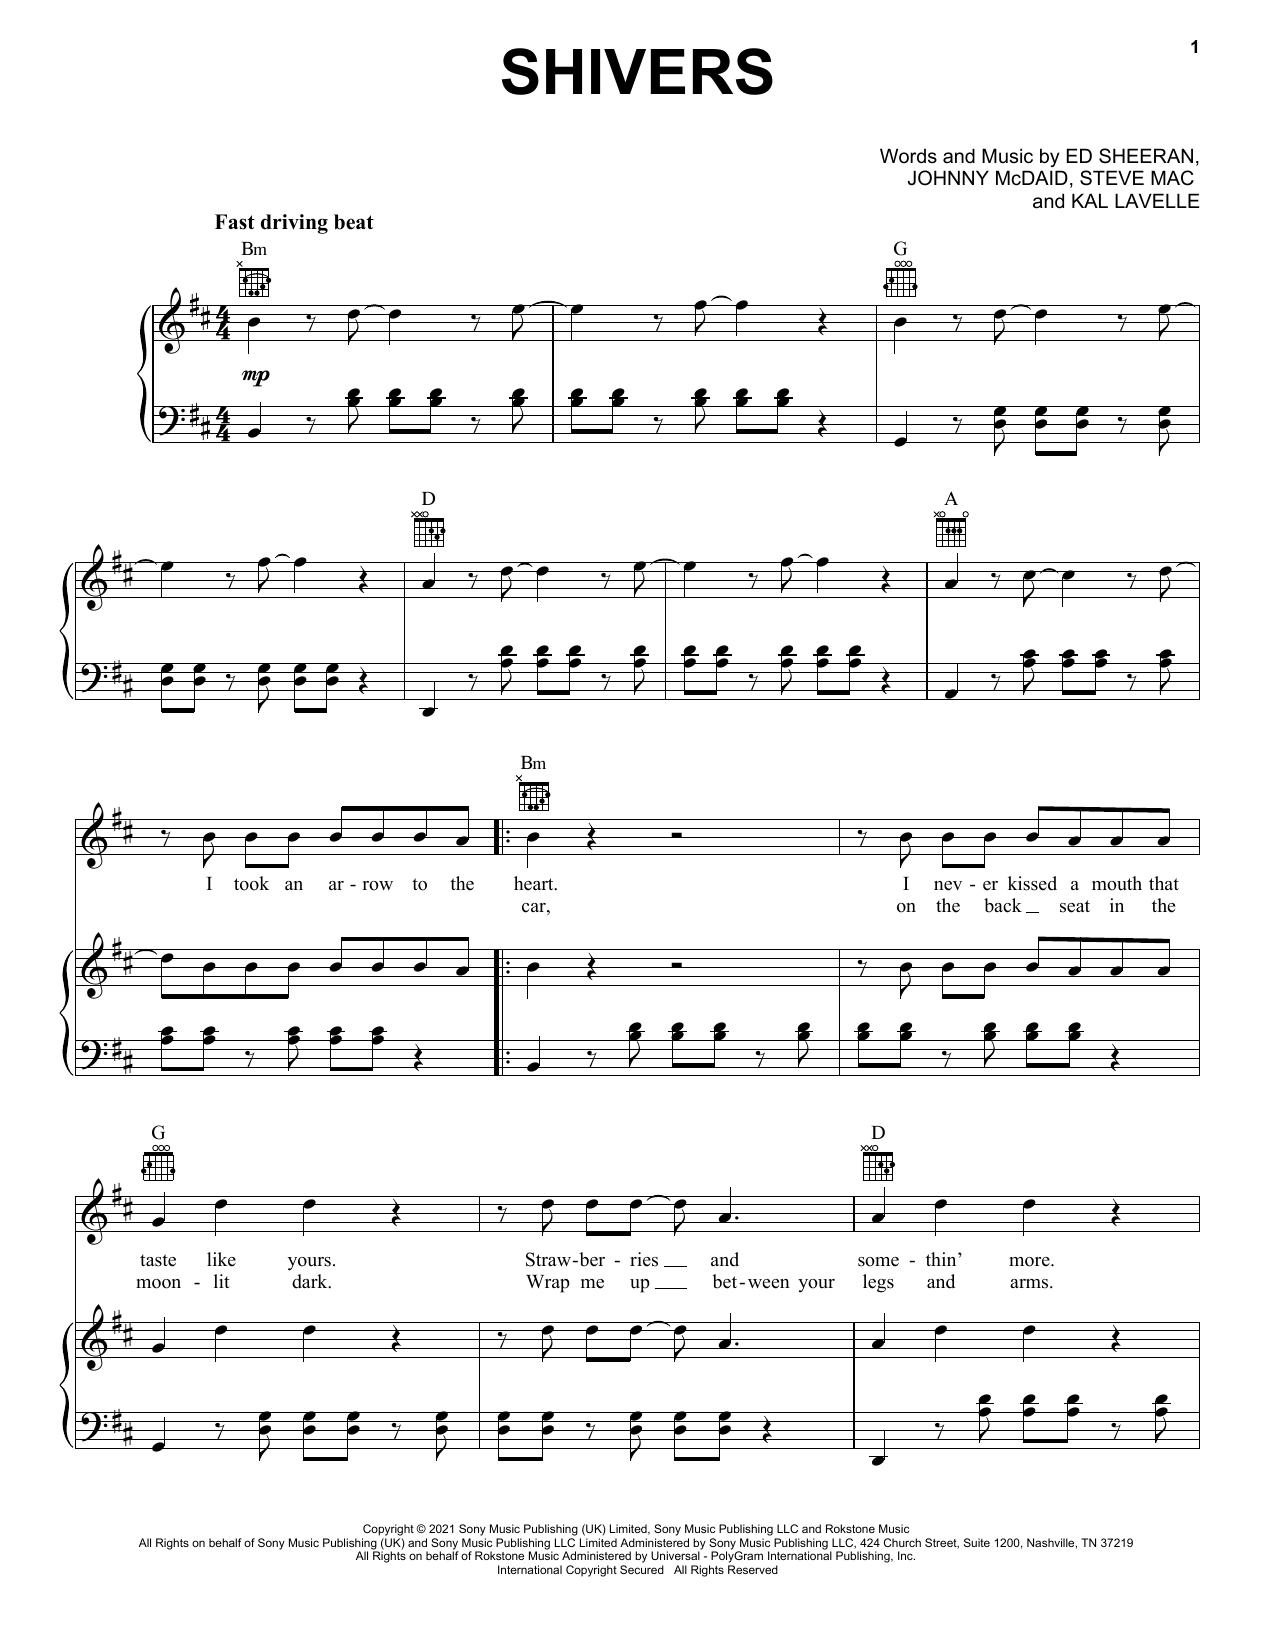 Ed Sheeran Shivers sheet music notes and chords. Download Printable PDF.